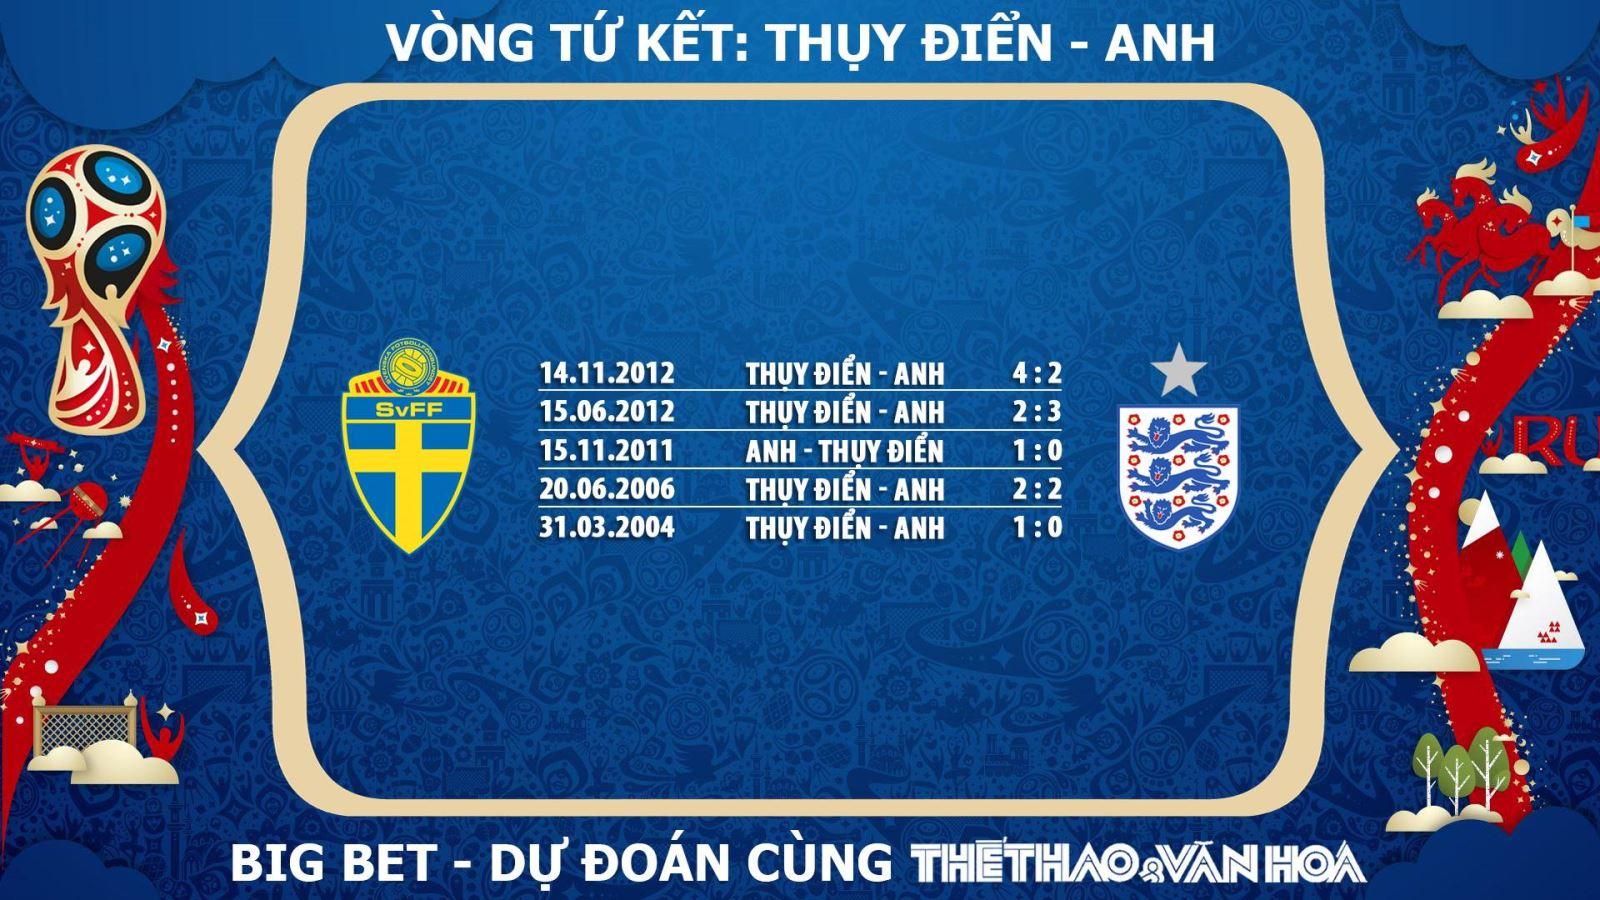 Thuỵ Điển vs Anh, Anh vs Thuỵ Điển, đối đầu Thuỵ Điển vs Anh, Sweden vs England, nhận định Thuỵ Điển vs Anh, trực tiếp Thuỵ Điển vs Anh, trực tiếp Thuỵ Điển vs Anh, xem trực tiếp Thuỵ Điển vs Anh, link trực tiếp Thuỵ Điển vs Anh